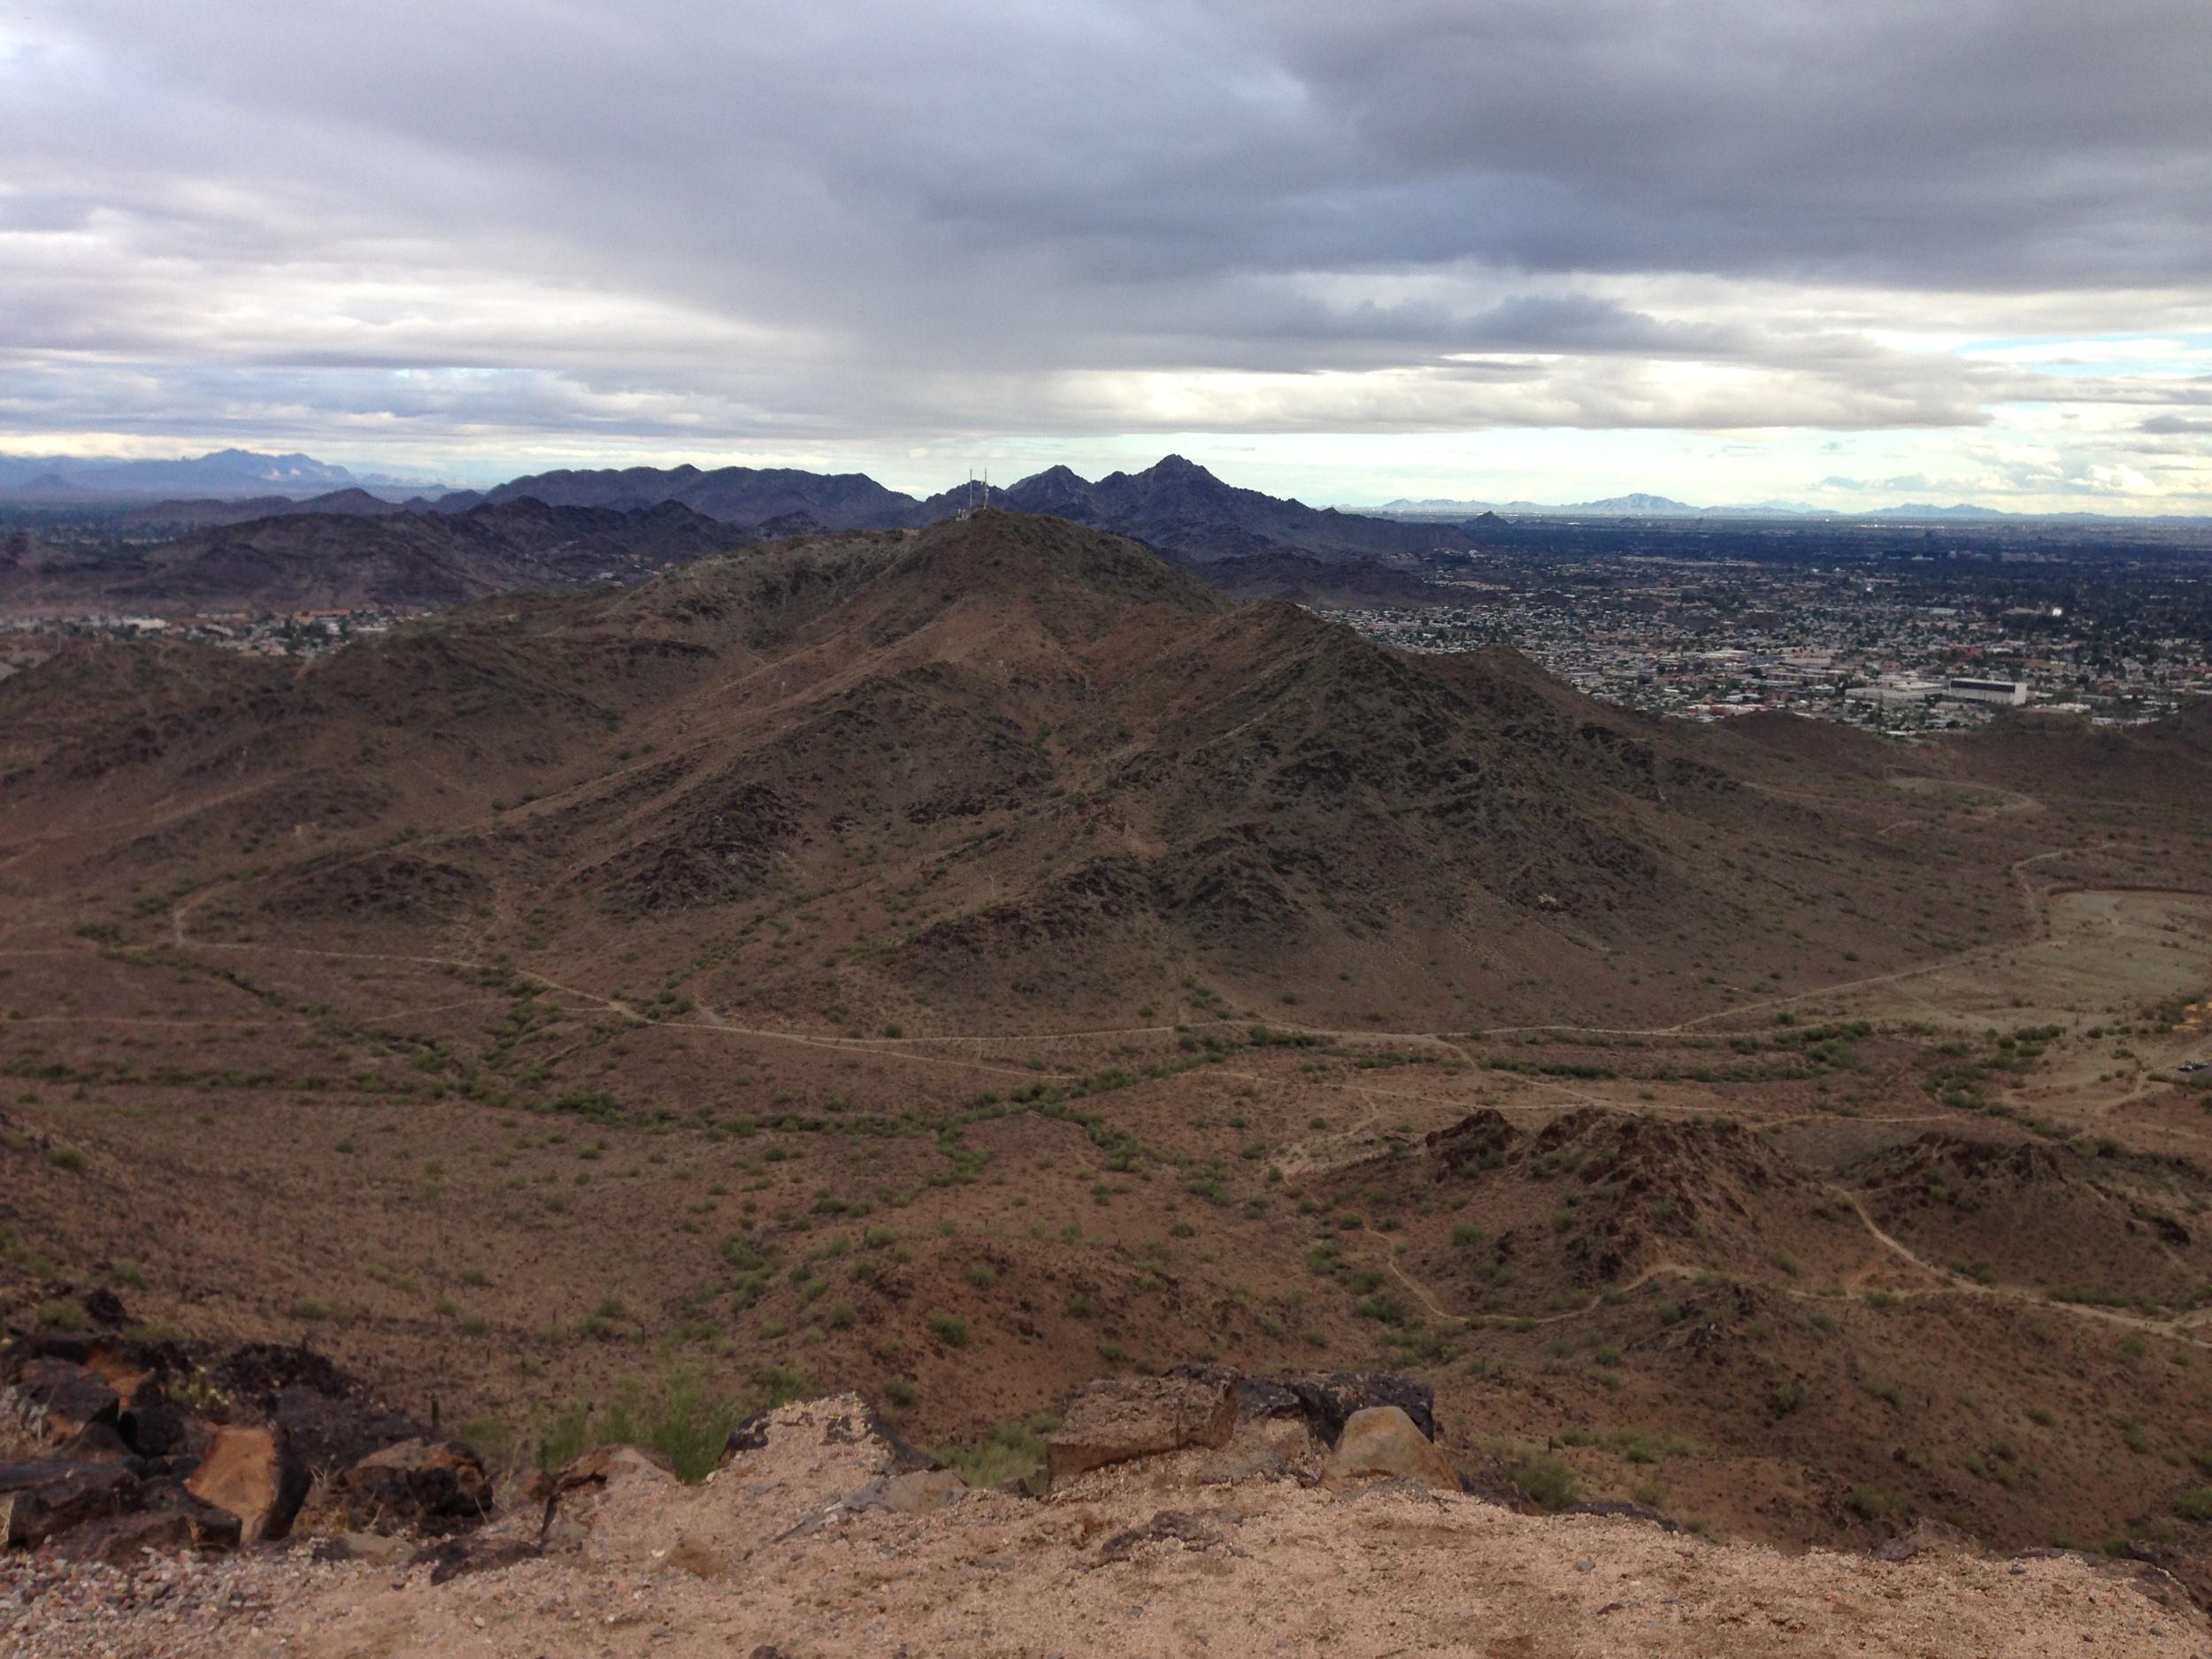 Terrain around Shaw Butte (Peak Five)